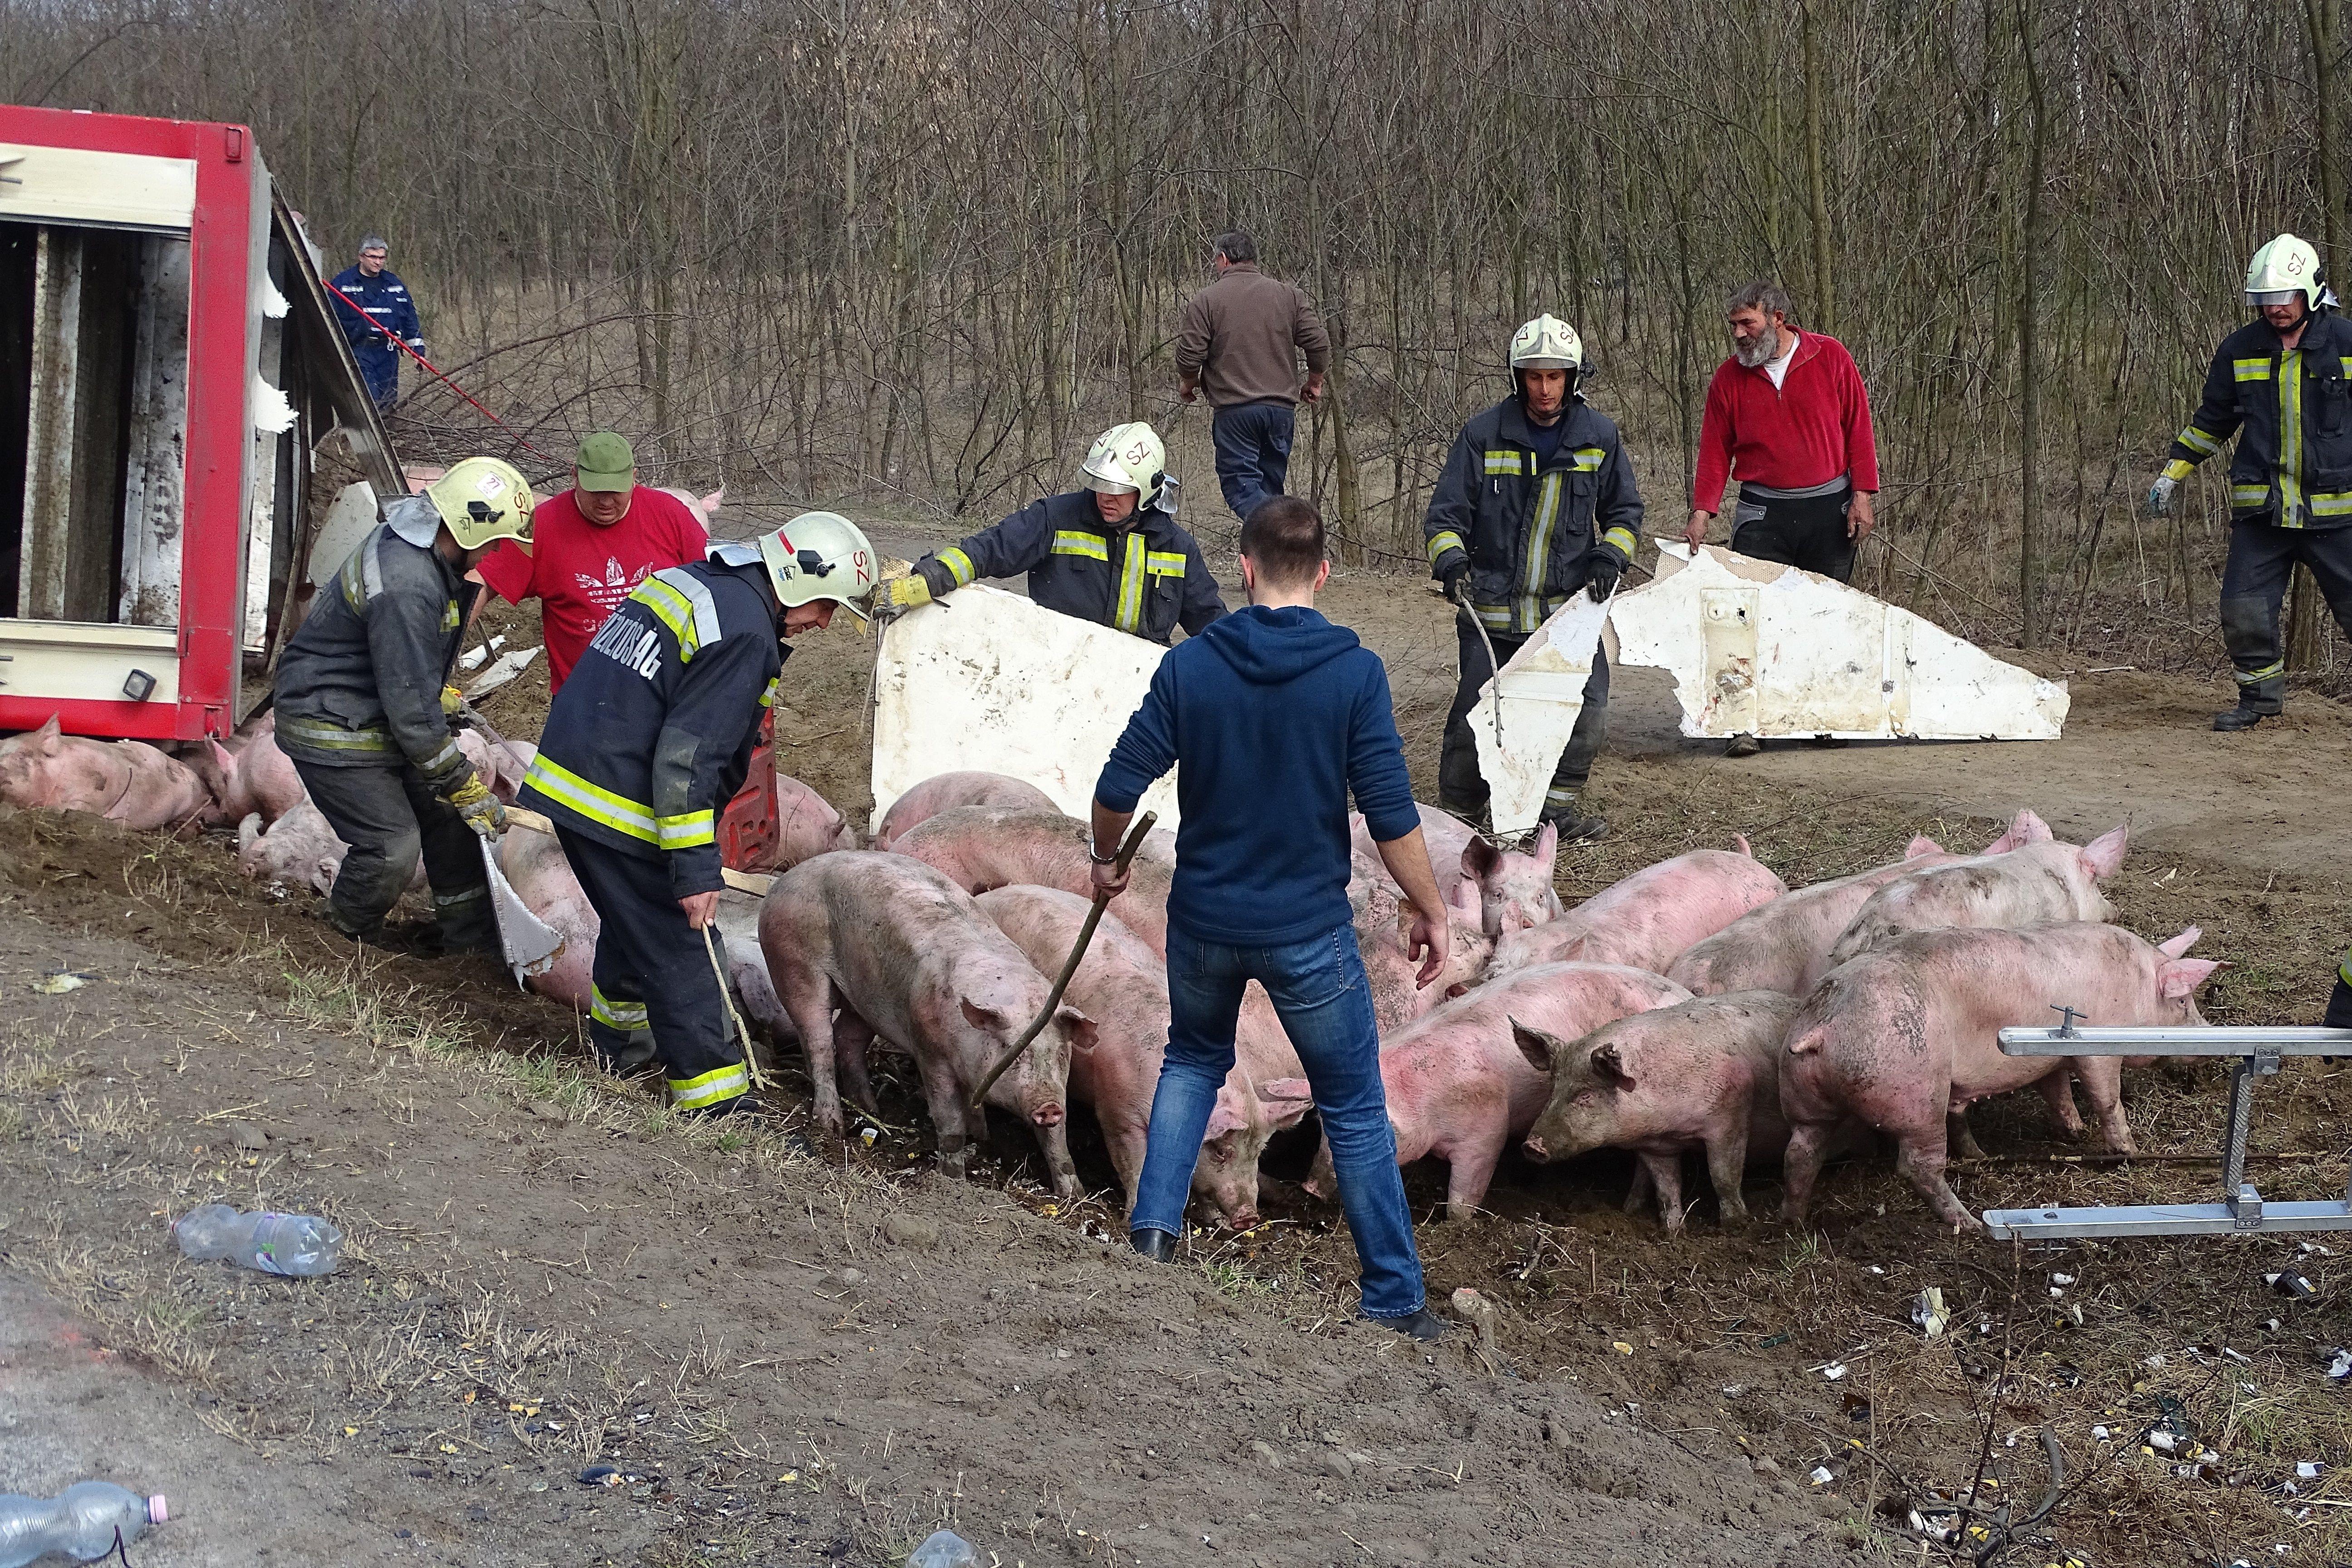 Disznók borultak fel Ásotthalomnál, tűzoltók terelték őket össze